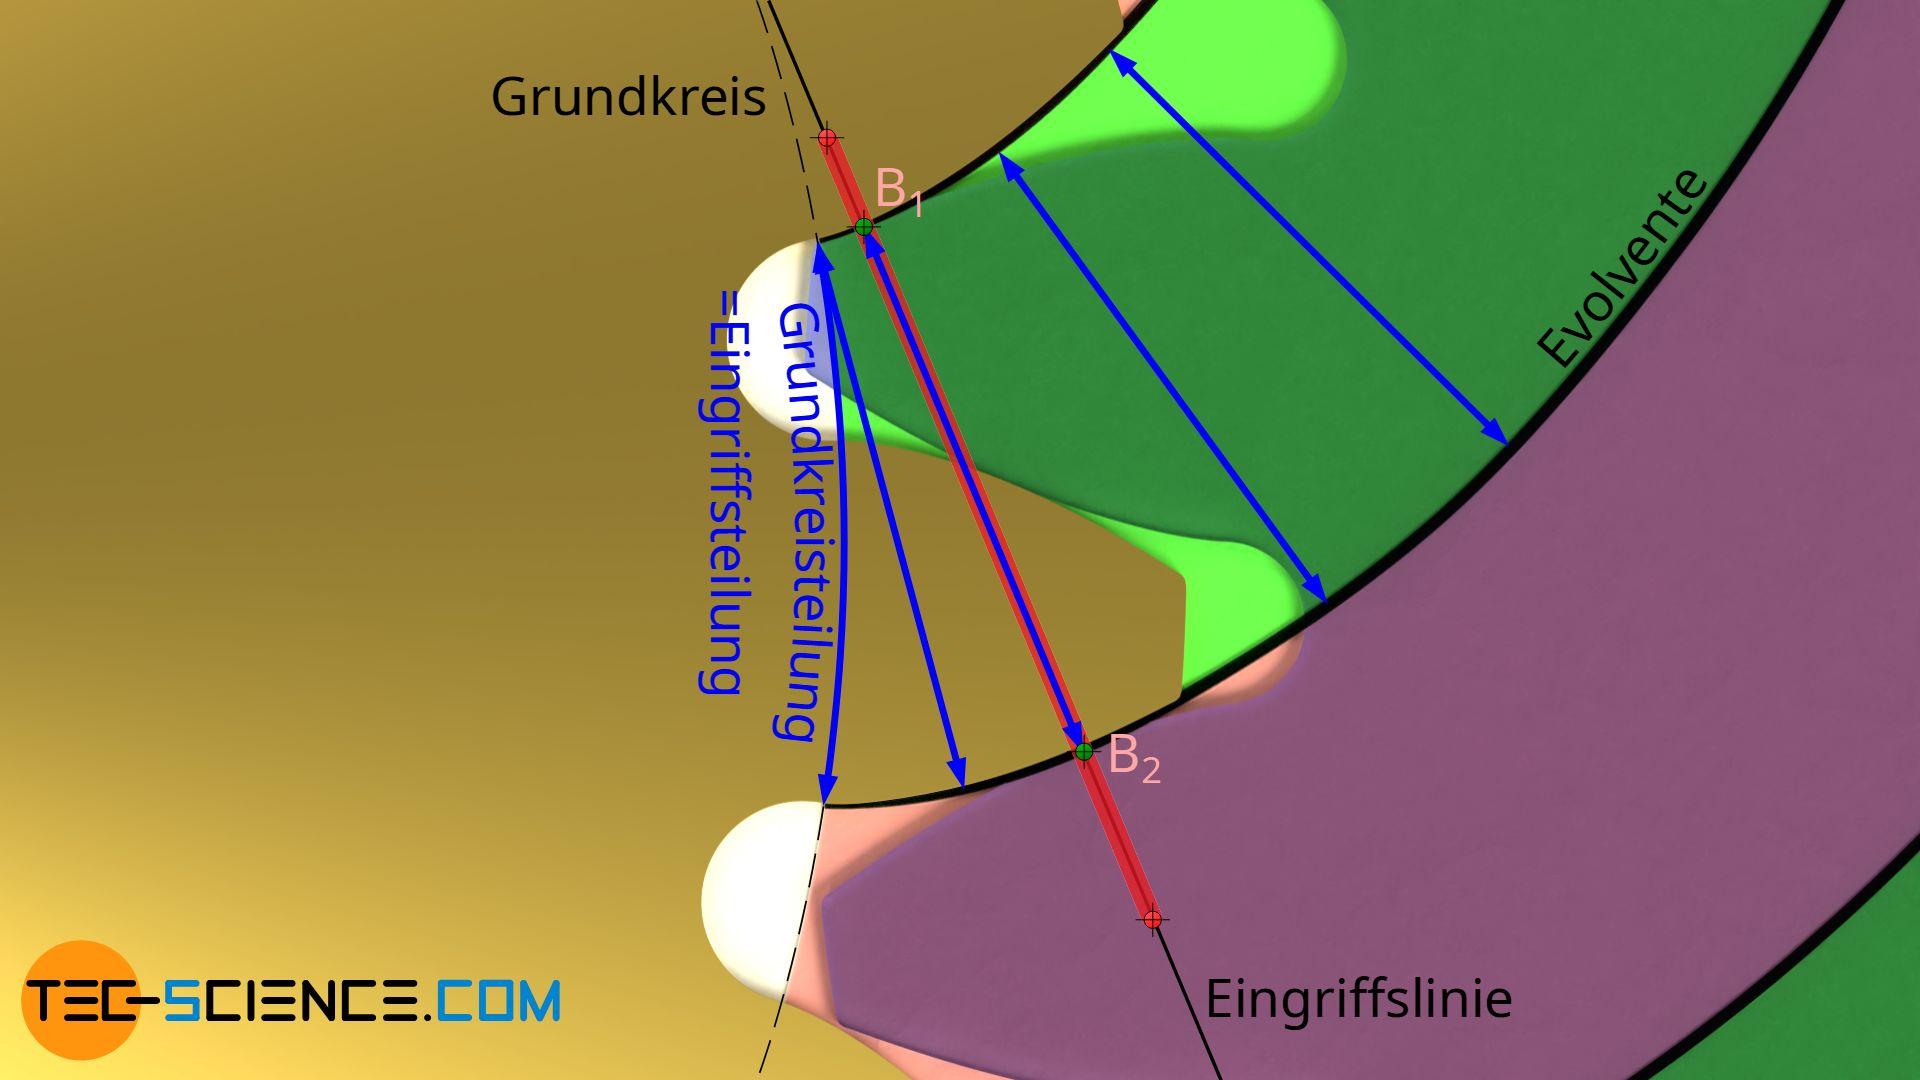 Eingriffsteilung (Grundkreisteilung)